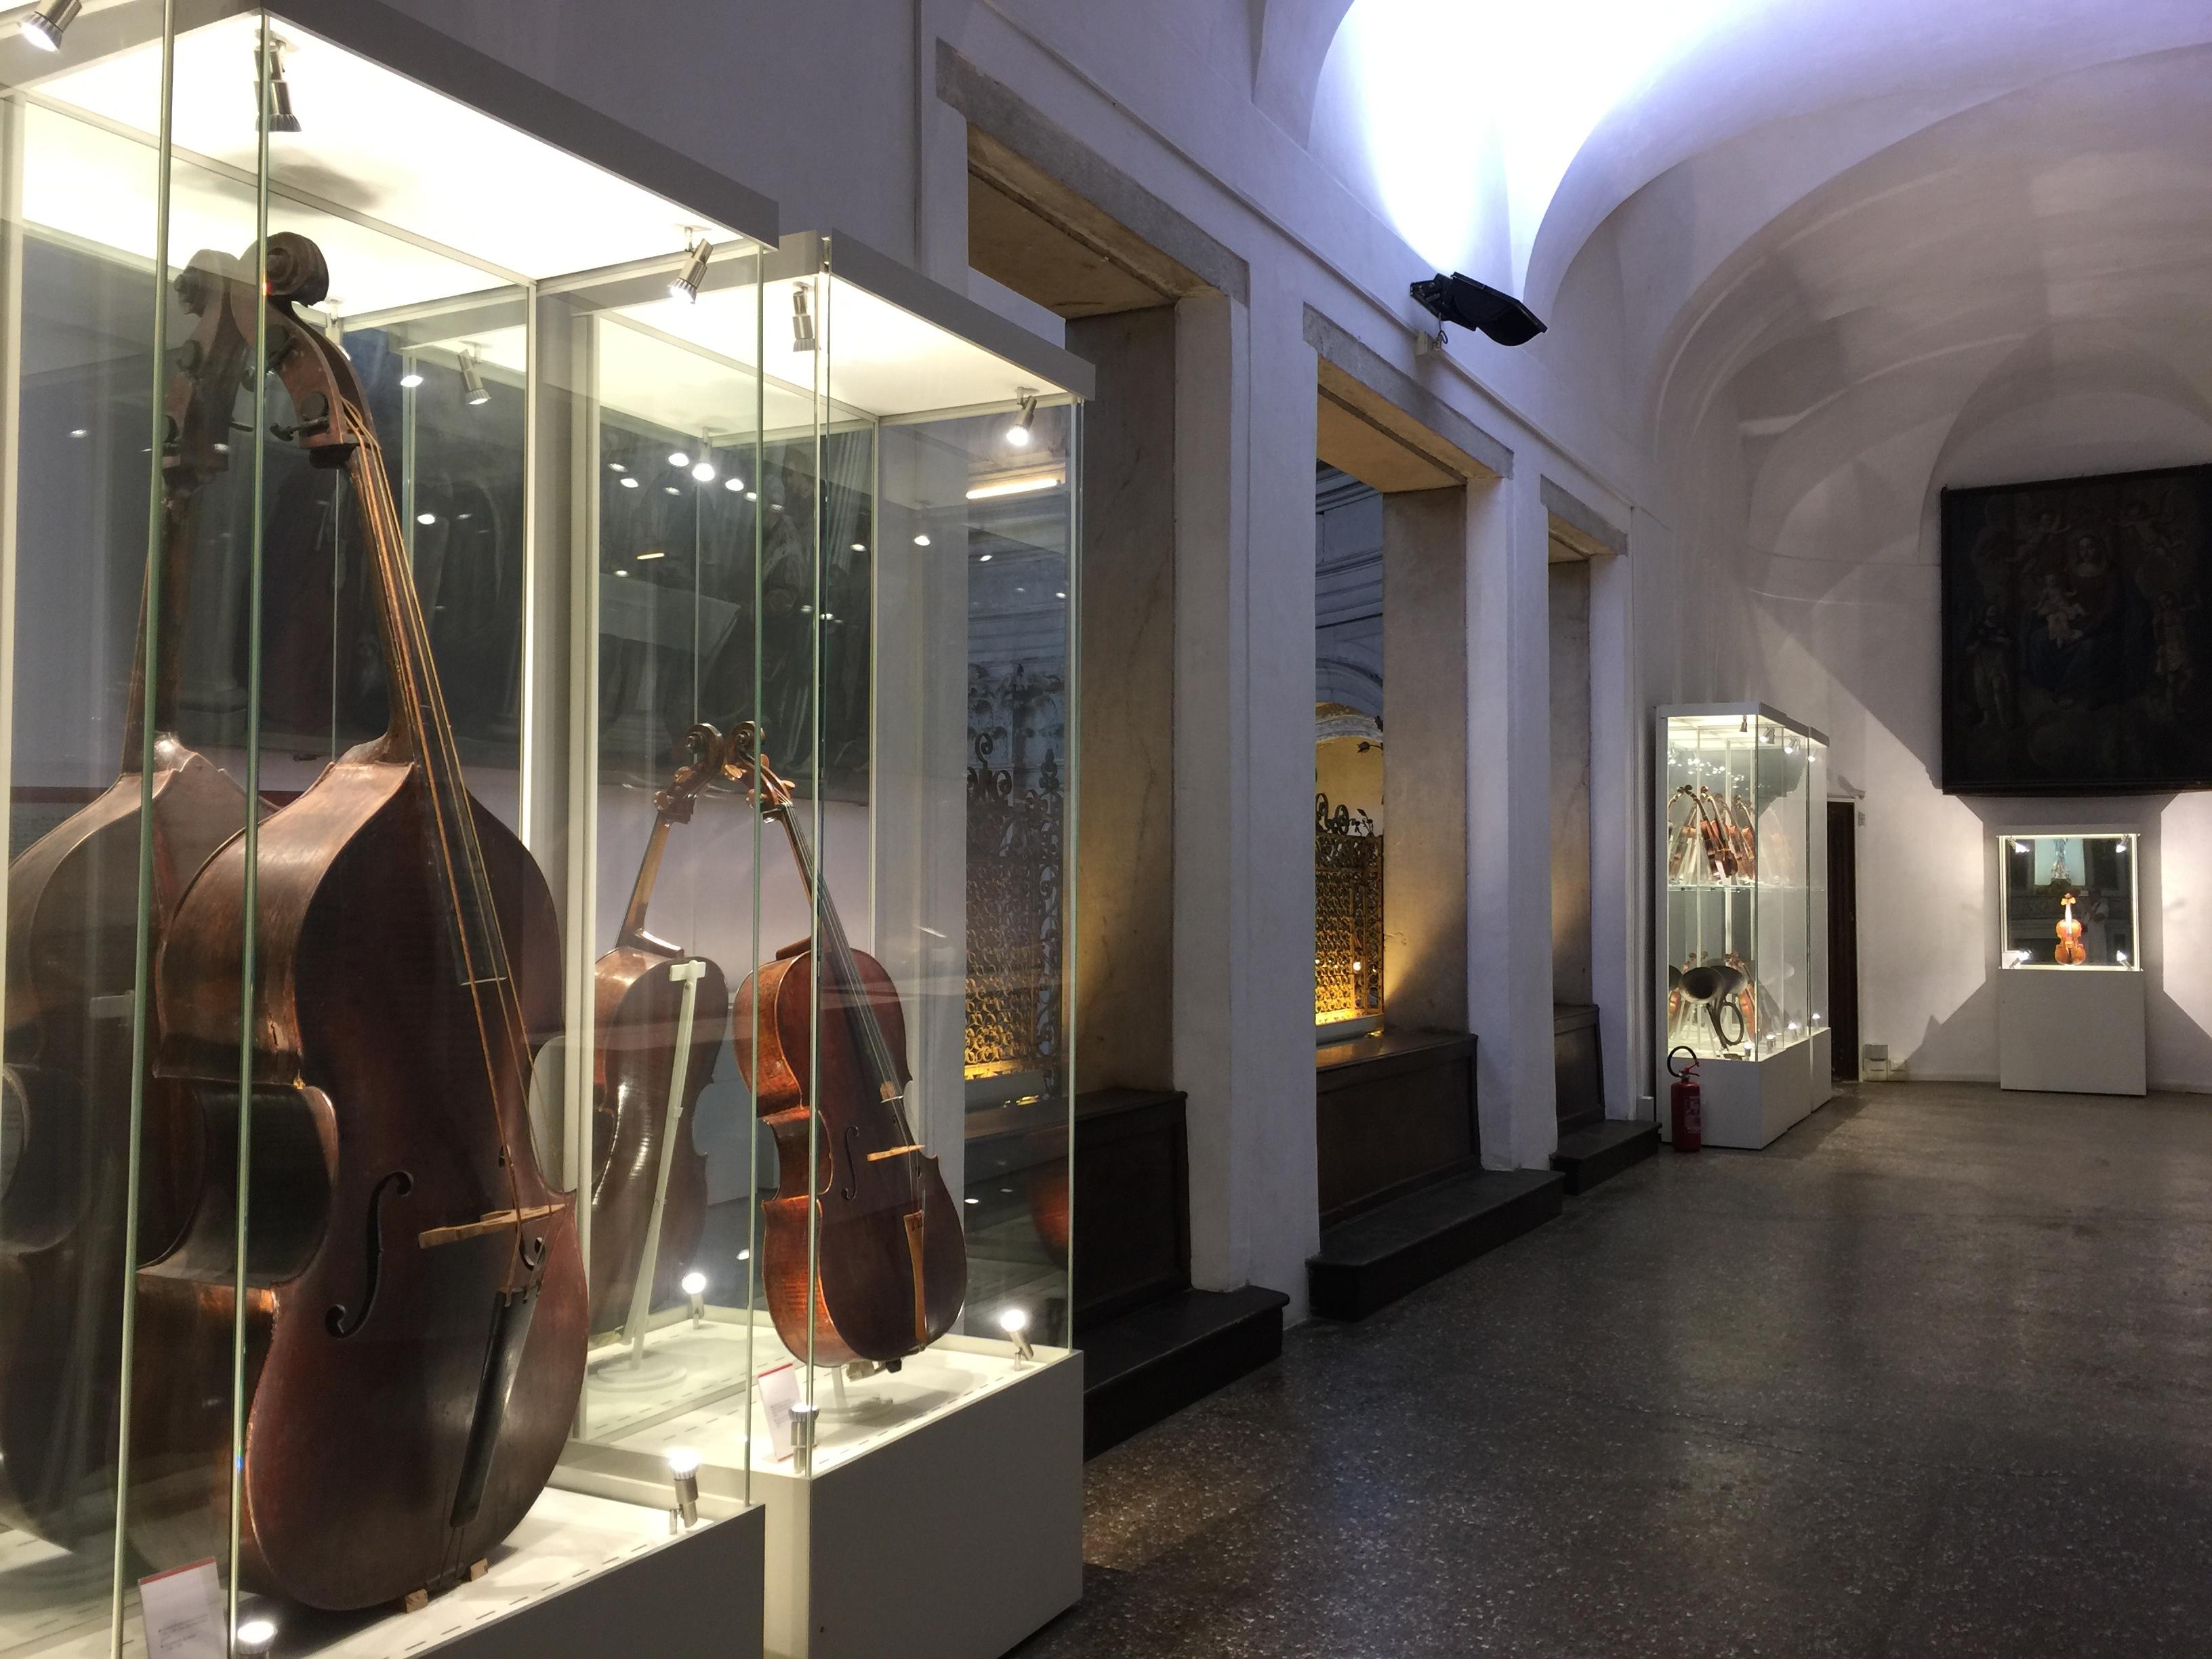 Aperçu de la zone contenant les instruments de musique ; au premier plan une belle contrebasse avec des cordes en boyaux